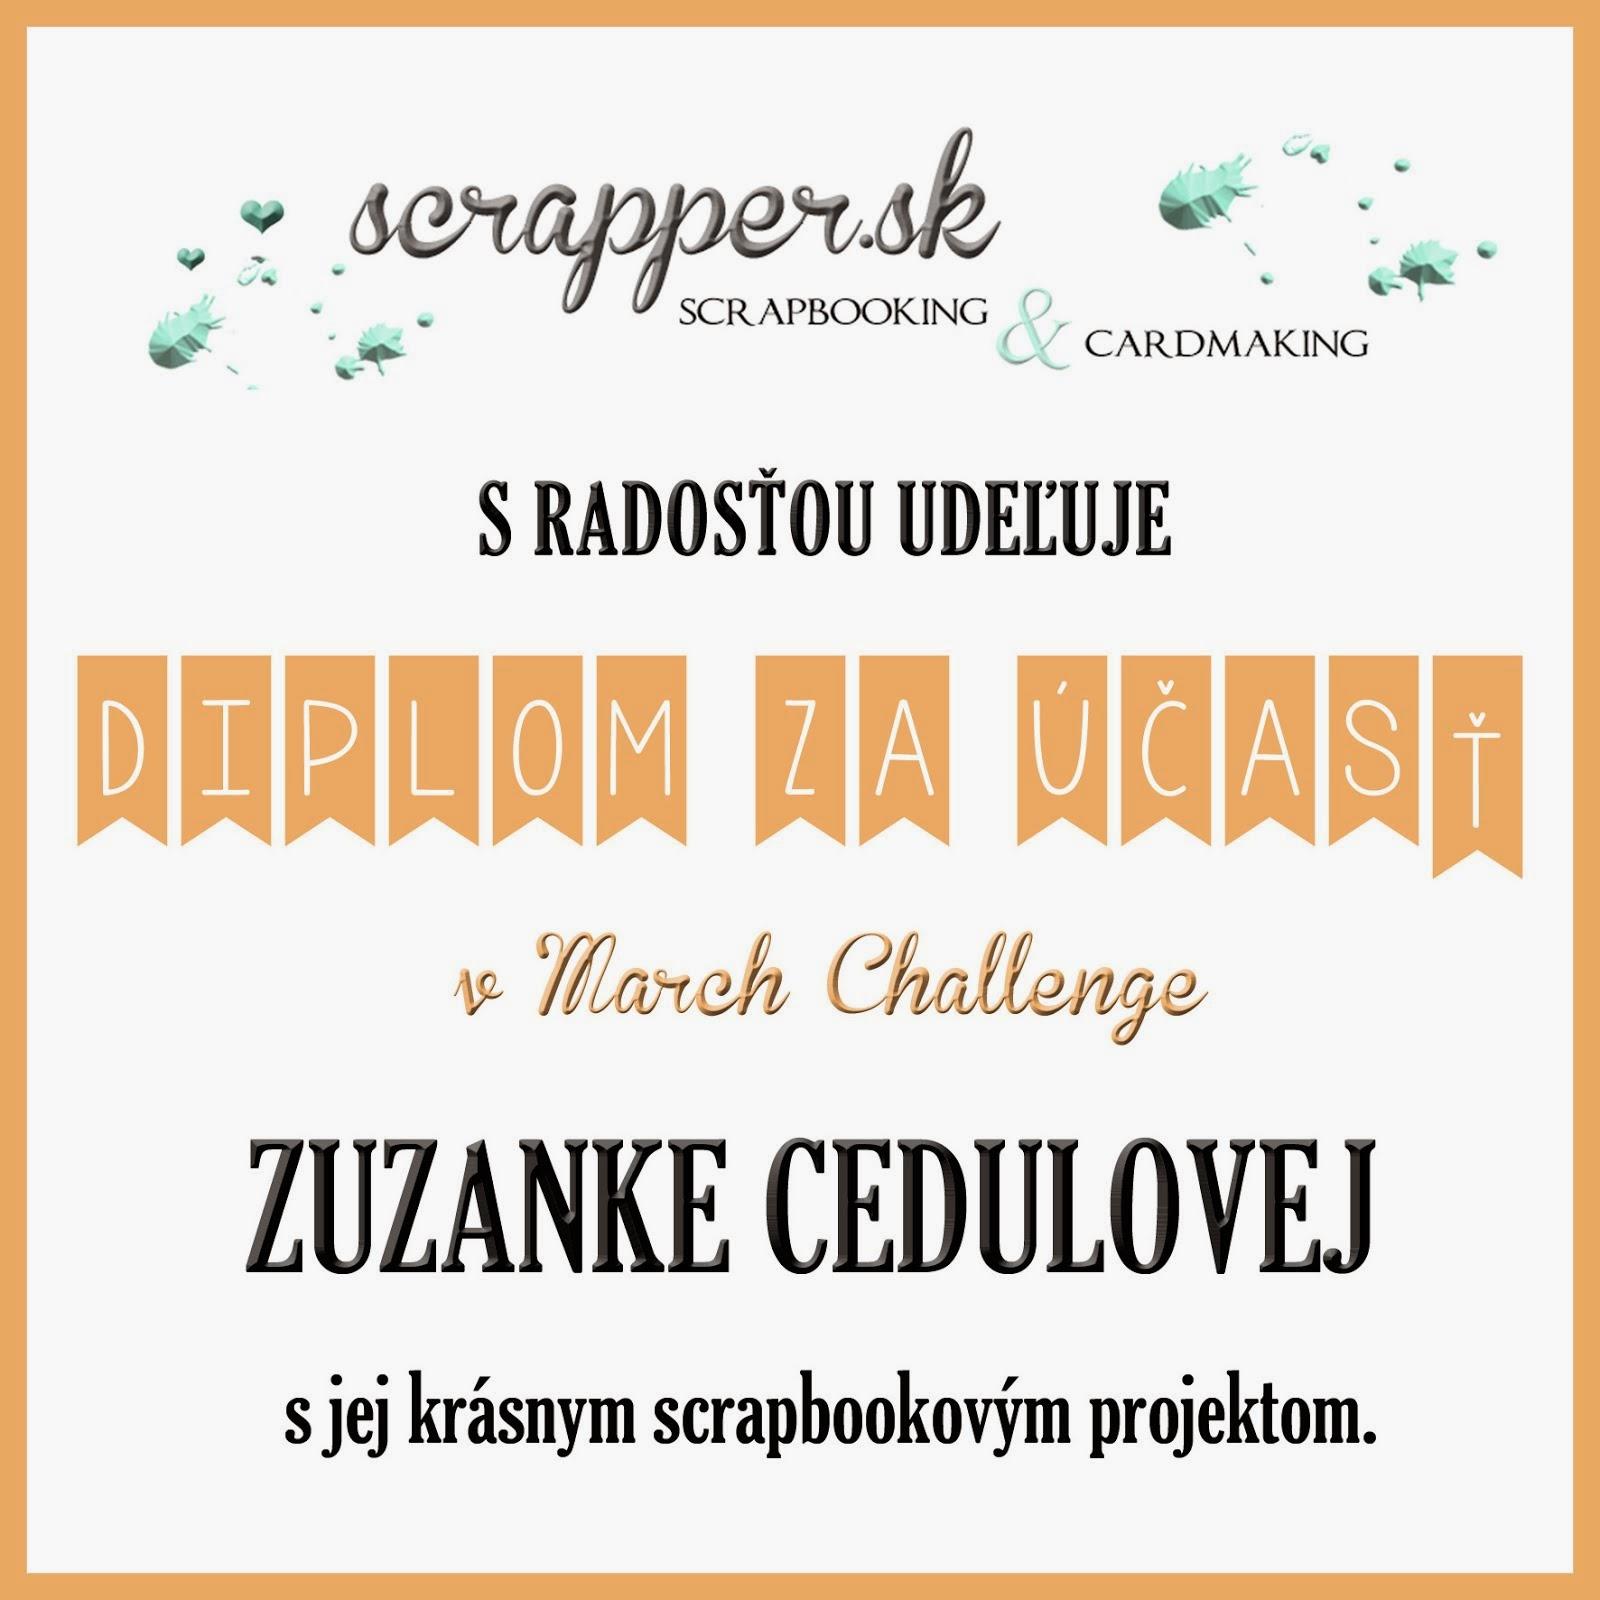 Scrapper.sk